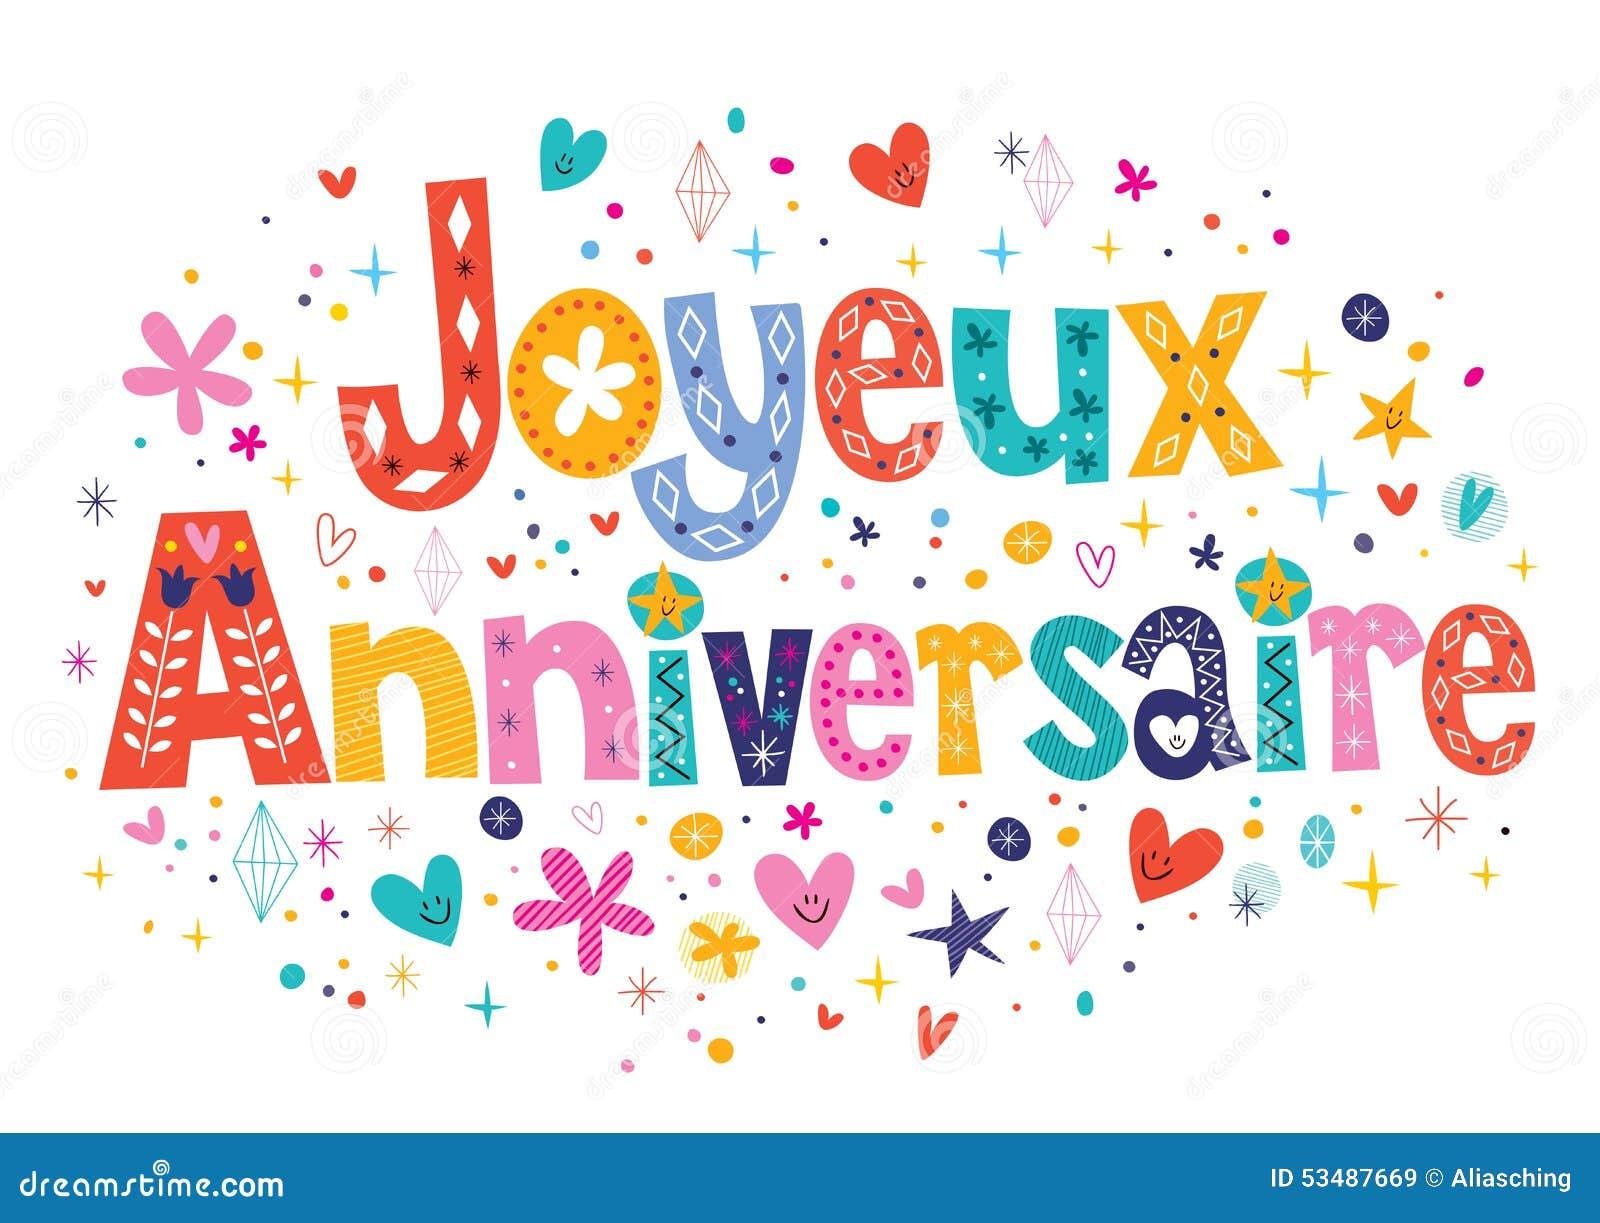 Поздравления на французском языке с днем рождения женщине